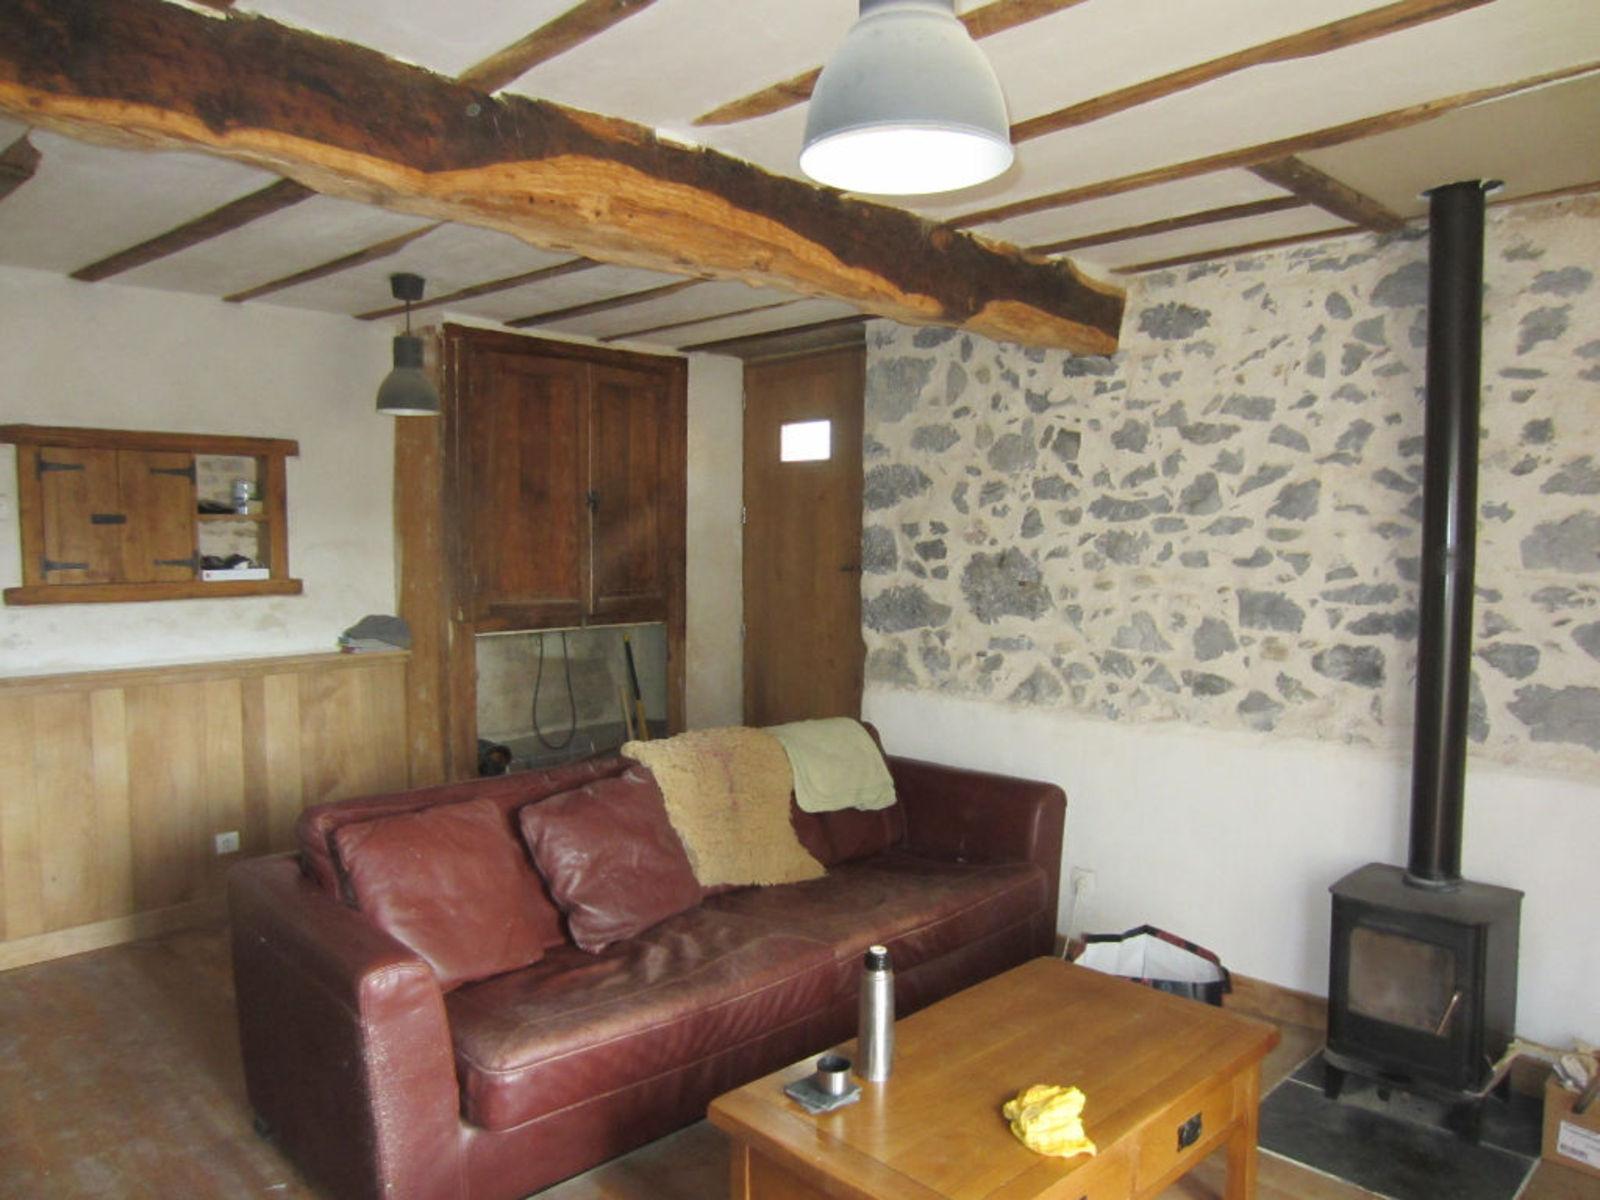 Maison avec jardin interieur id es de for Decoration jardin interieur